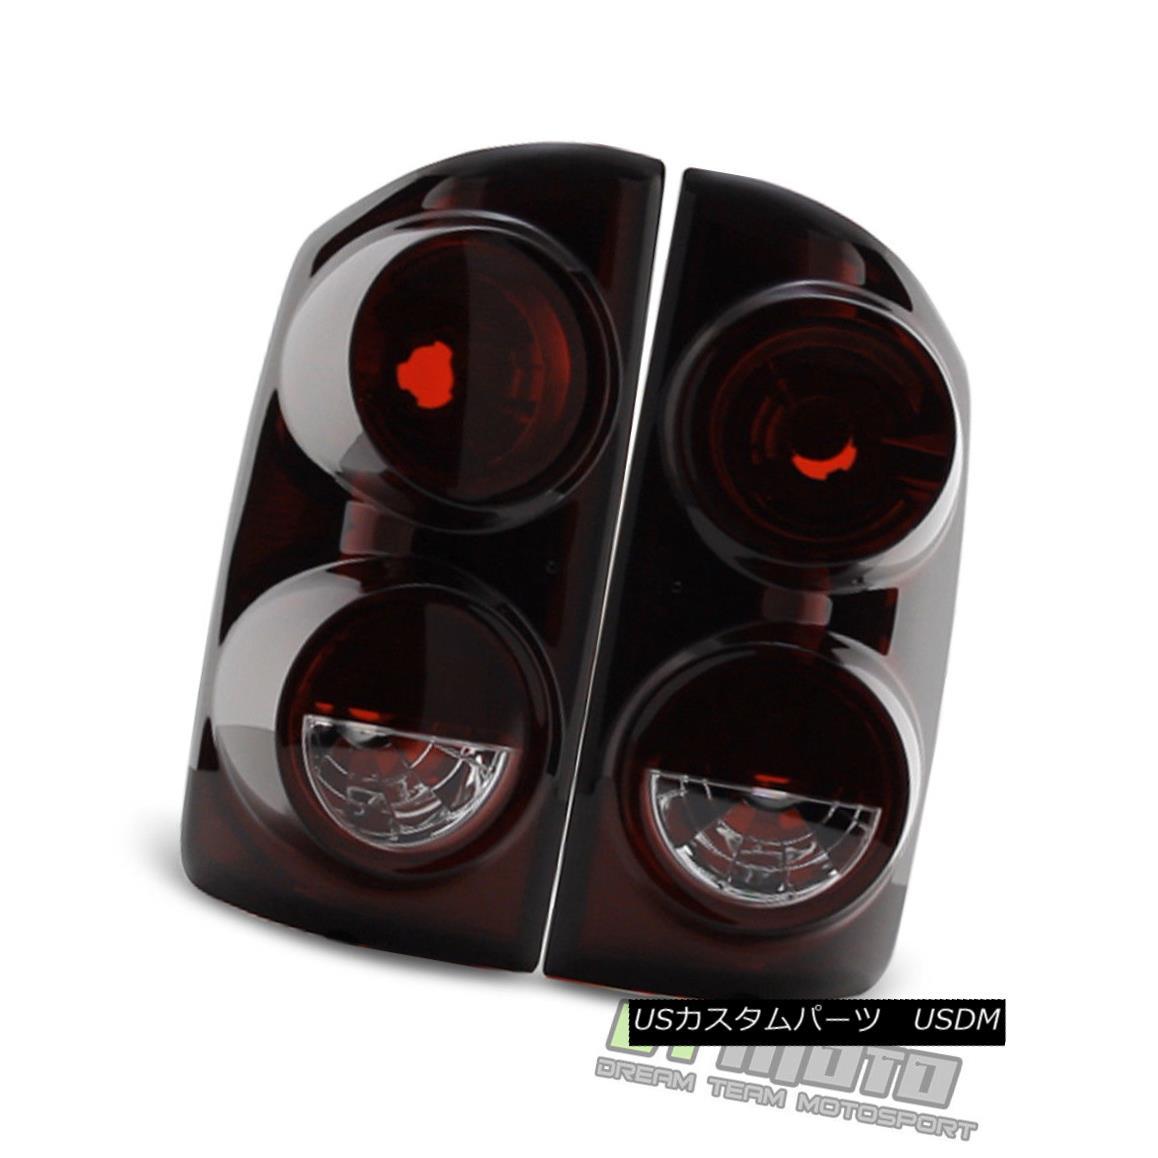 テールライト Red Smoke 2007-2008 Dodge Ram 1500 07-09 2500 3500 Tail Lights Lamps Left+Right Red Smoke 2007-2008 Dodge Ram 1500 07-09 2500 3500テールライトランプ左右+